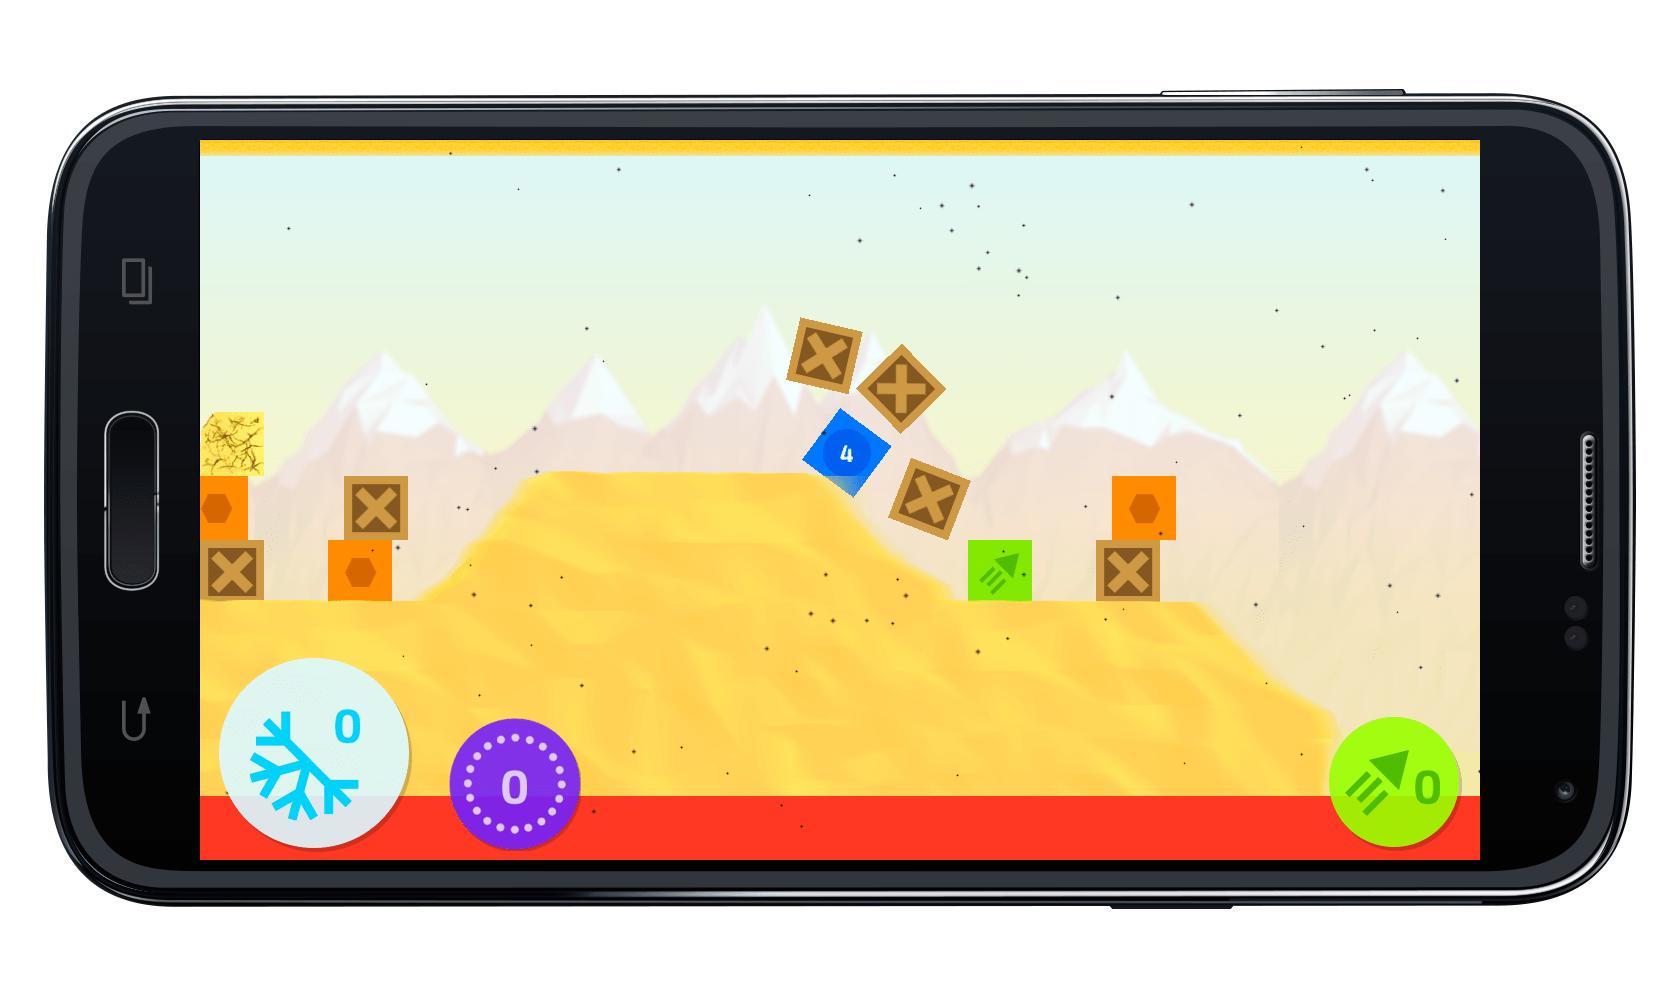 Графика и музыка игры Escbox Сайт Артура Нецветаева — сайты, приложения, прототипы и оформление интерфейсов 14